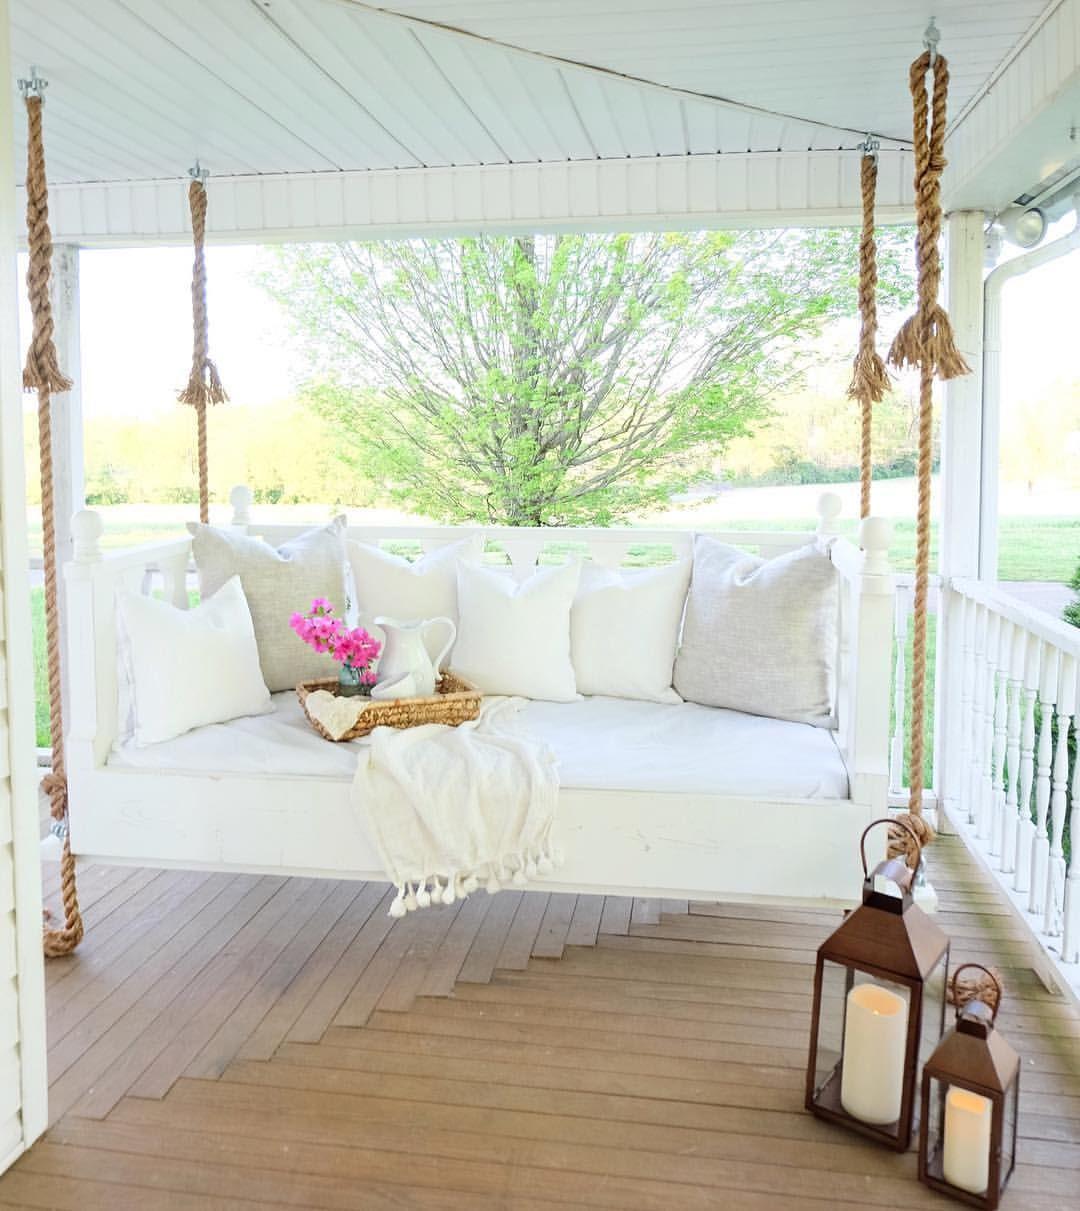 die besten 25 bett zu verschenken ideen auf pinterest. Black Bedroom Furniture Sets. Home Design Ideas